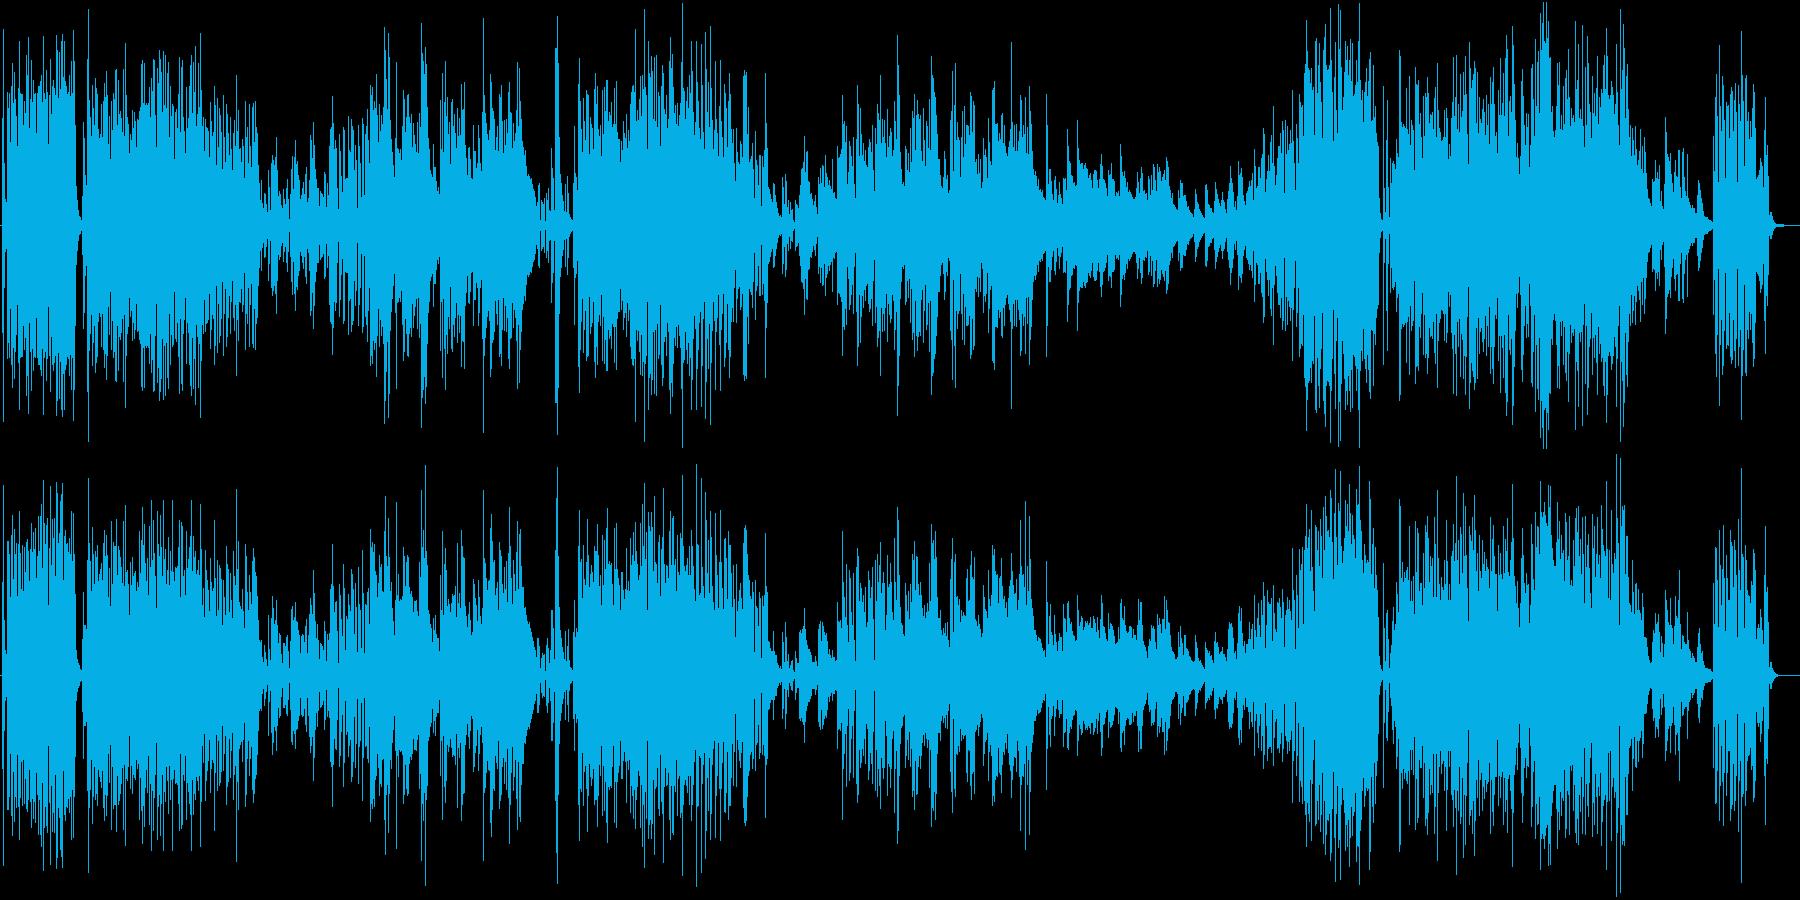 夜のニュース番組のOP風オシャレJazzの再生済みの波形